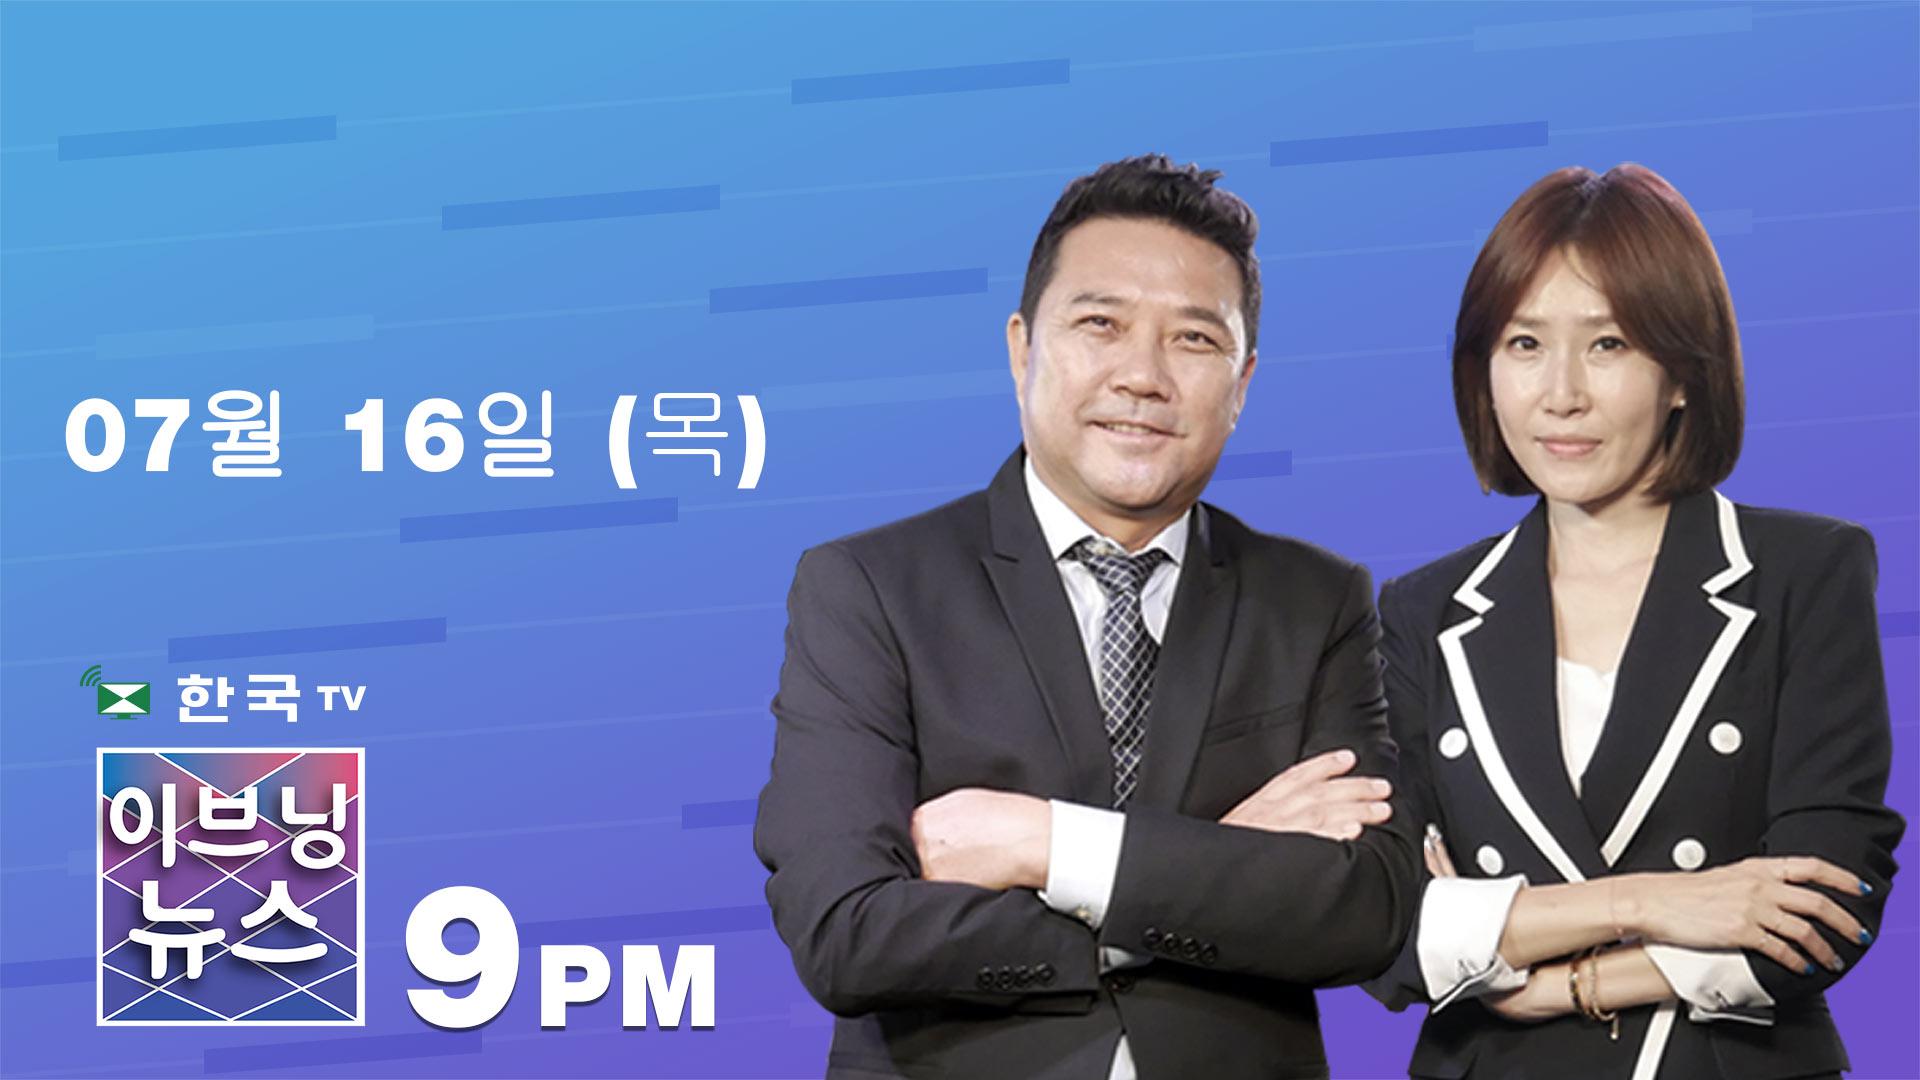 (07.16.2020) 한국TV 이브닝 뉴스